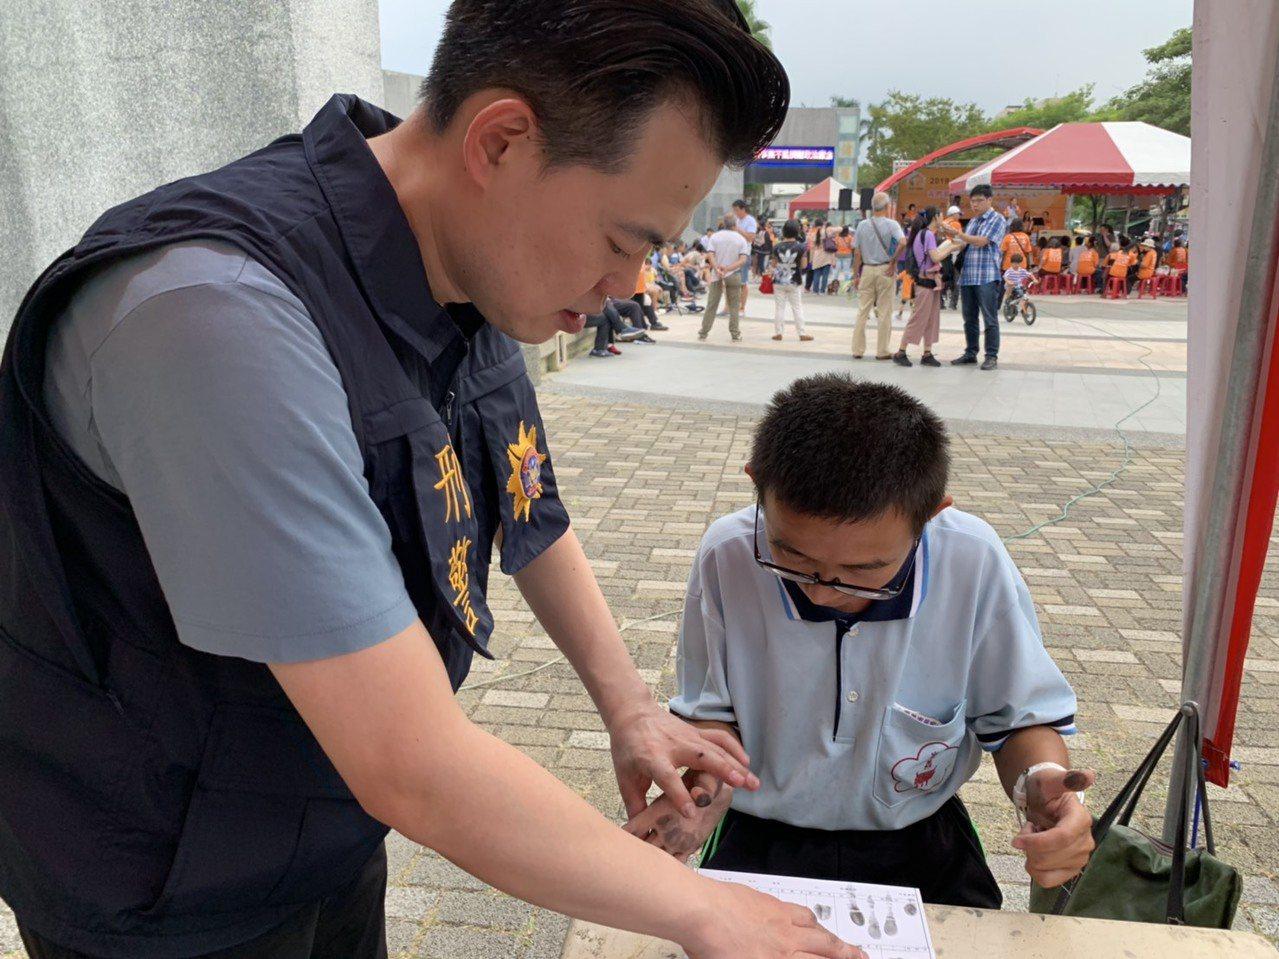 警方辦自願捺印指紋活動,希望預防老人或身心障礙者走失。記者李承穎/攝影